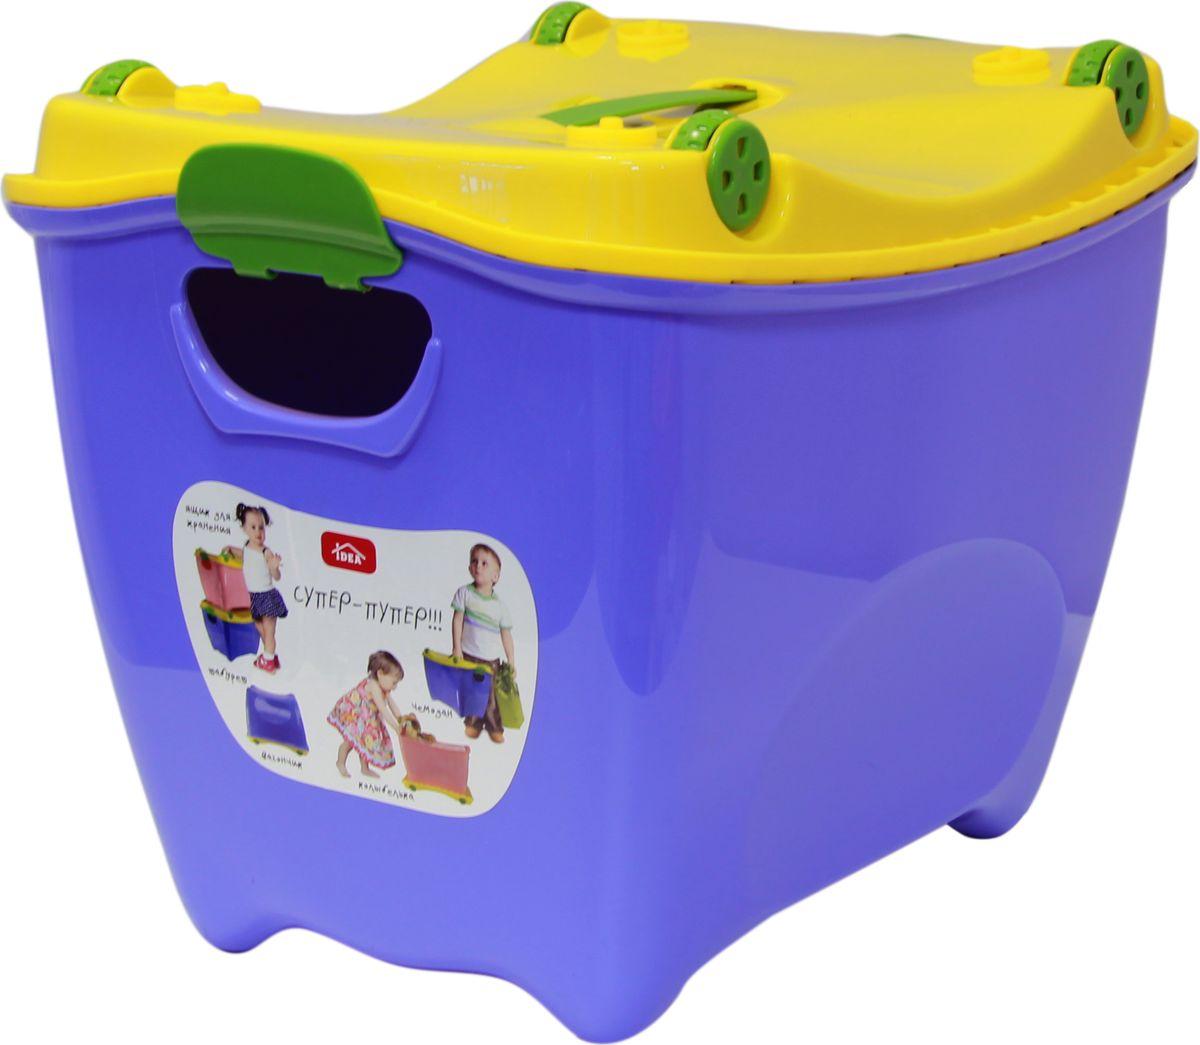 Idea Ящик для игрушек Супер-пупер цвет сиреневый 30,5 х 40 х 30,5 см